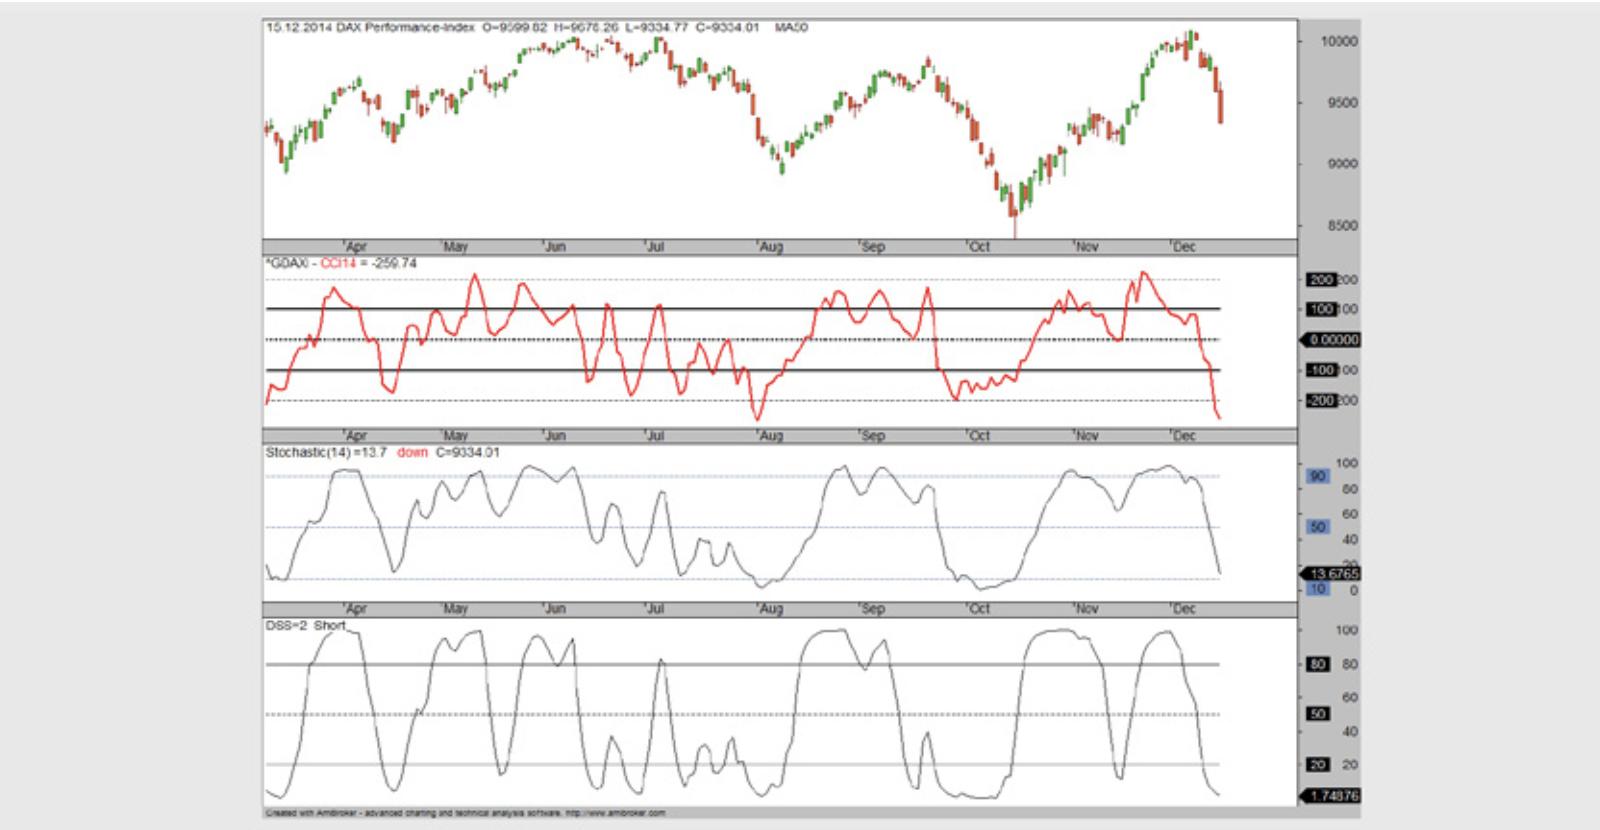 Unpassende Zusammenstellung von Indikatoren